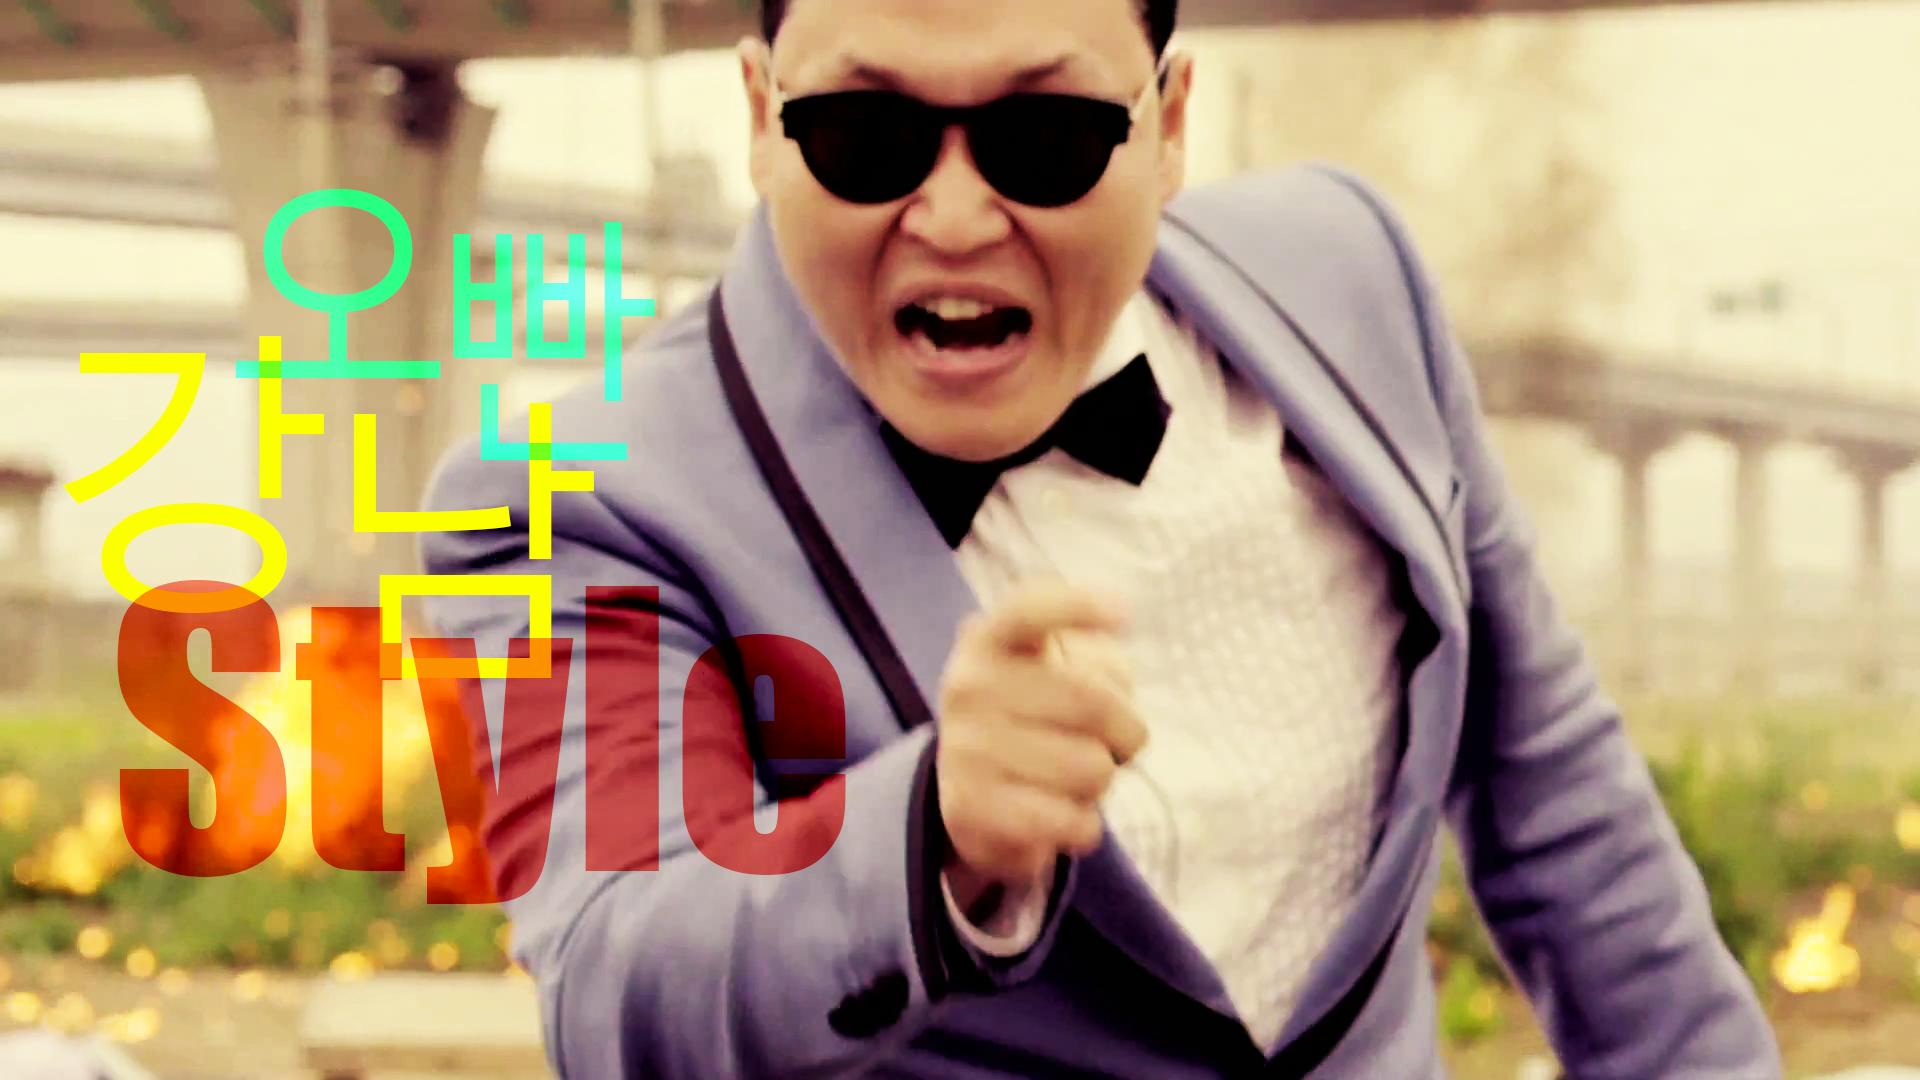 Gangnam style wallpaper by hehehe2291 on deviantART